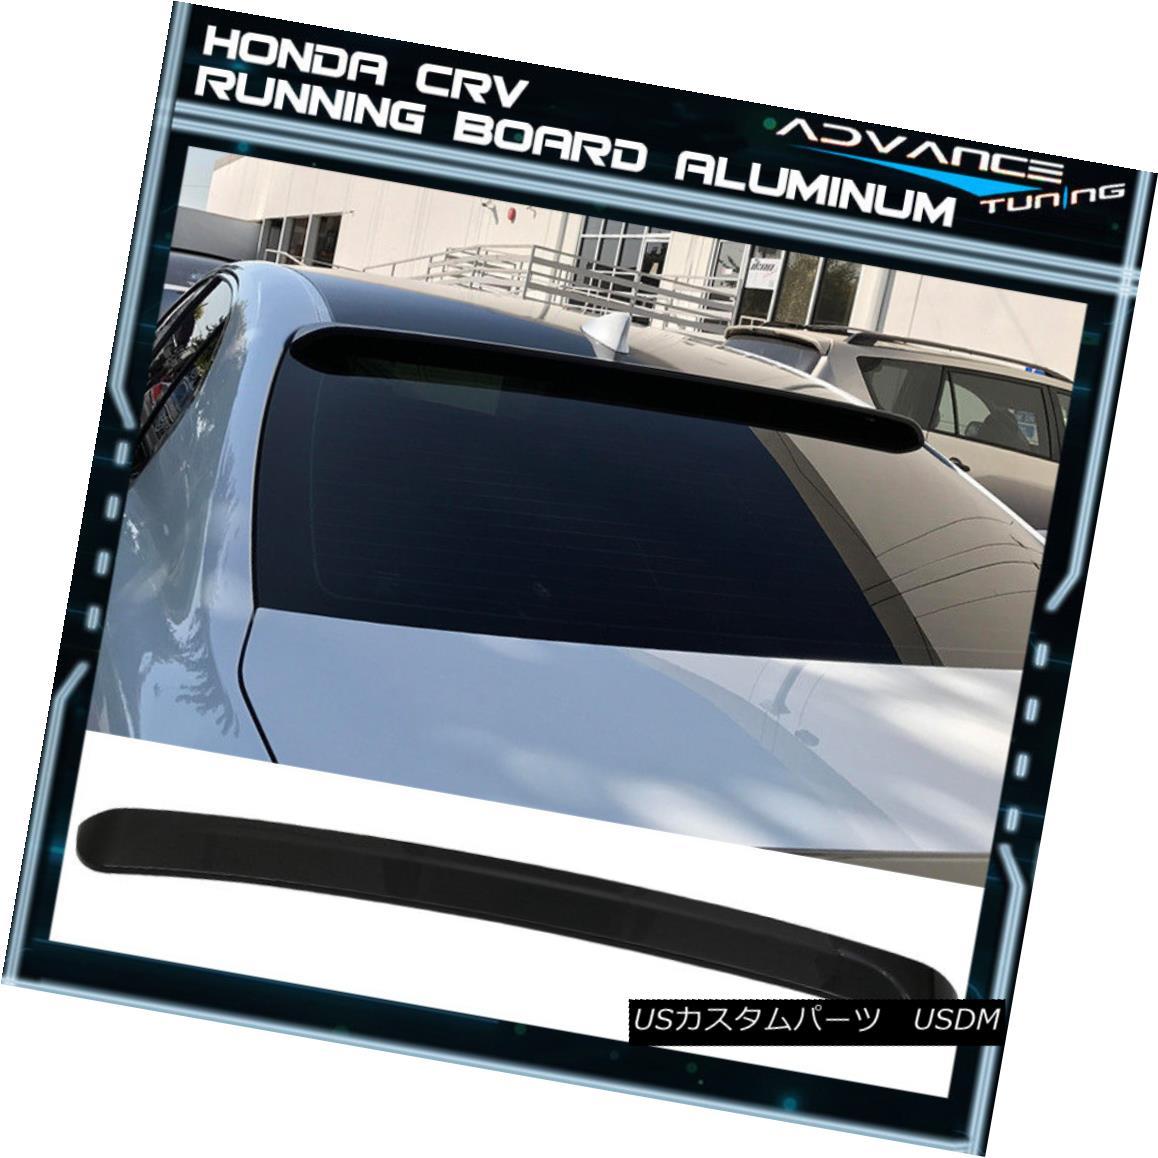 エアロパーツ Fits 13-17 Lexus GS WD Style Roof Spoiler OEM Painted Color # 212 Obsidian Black フィット13-17レクサスGS WDスタイルの屋根のスポイラーOEM塗装カラー#212黒曜石